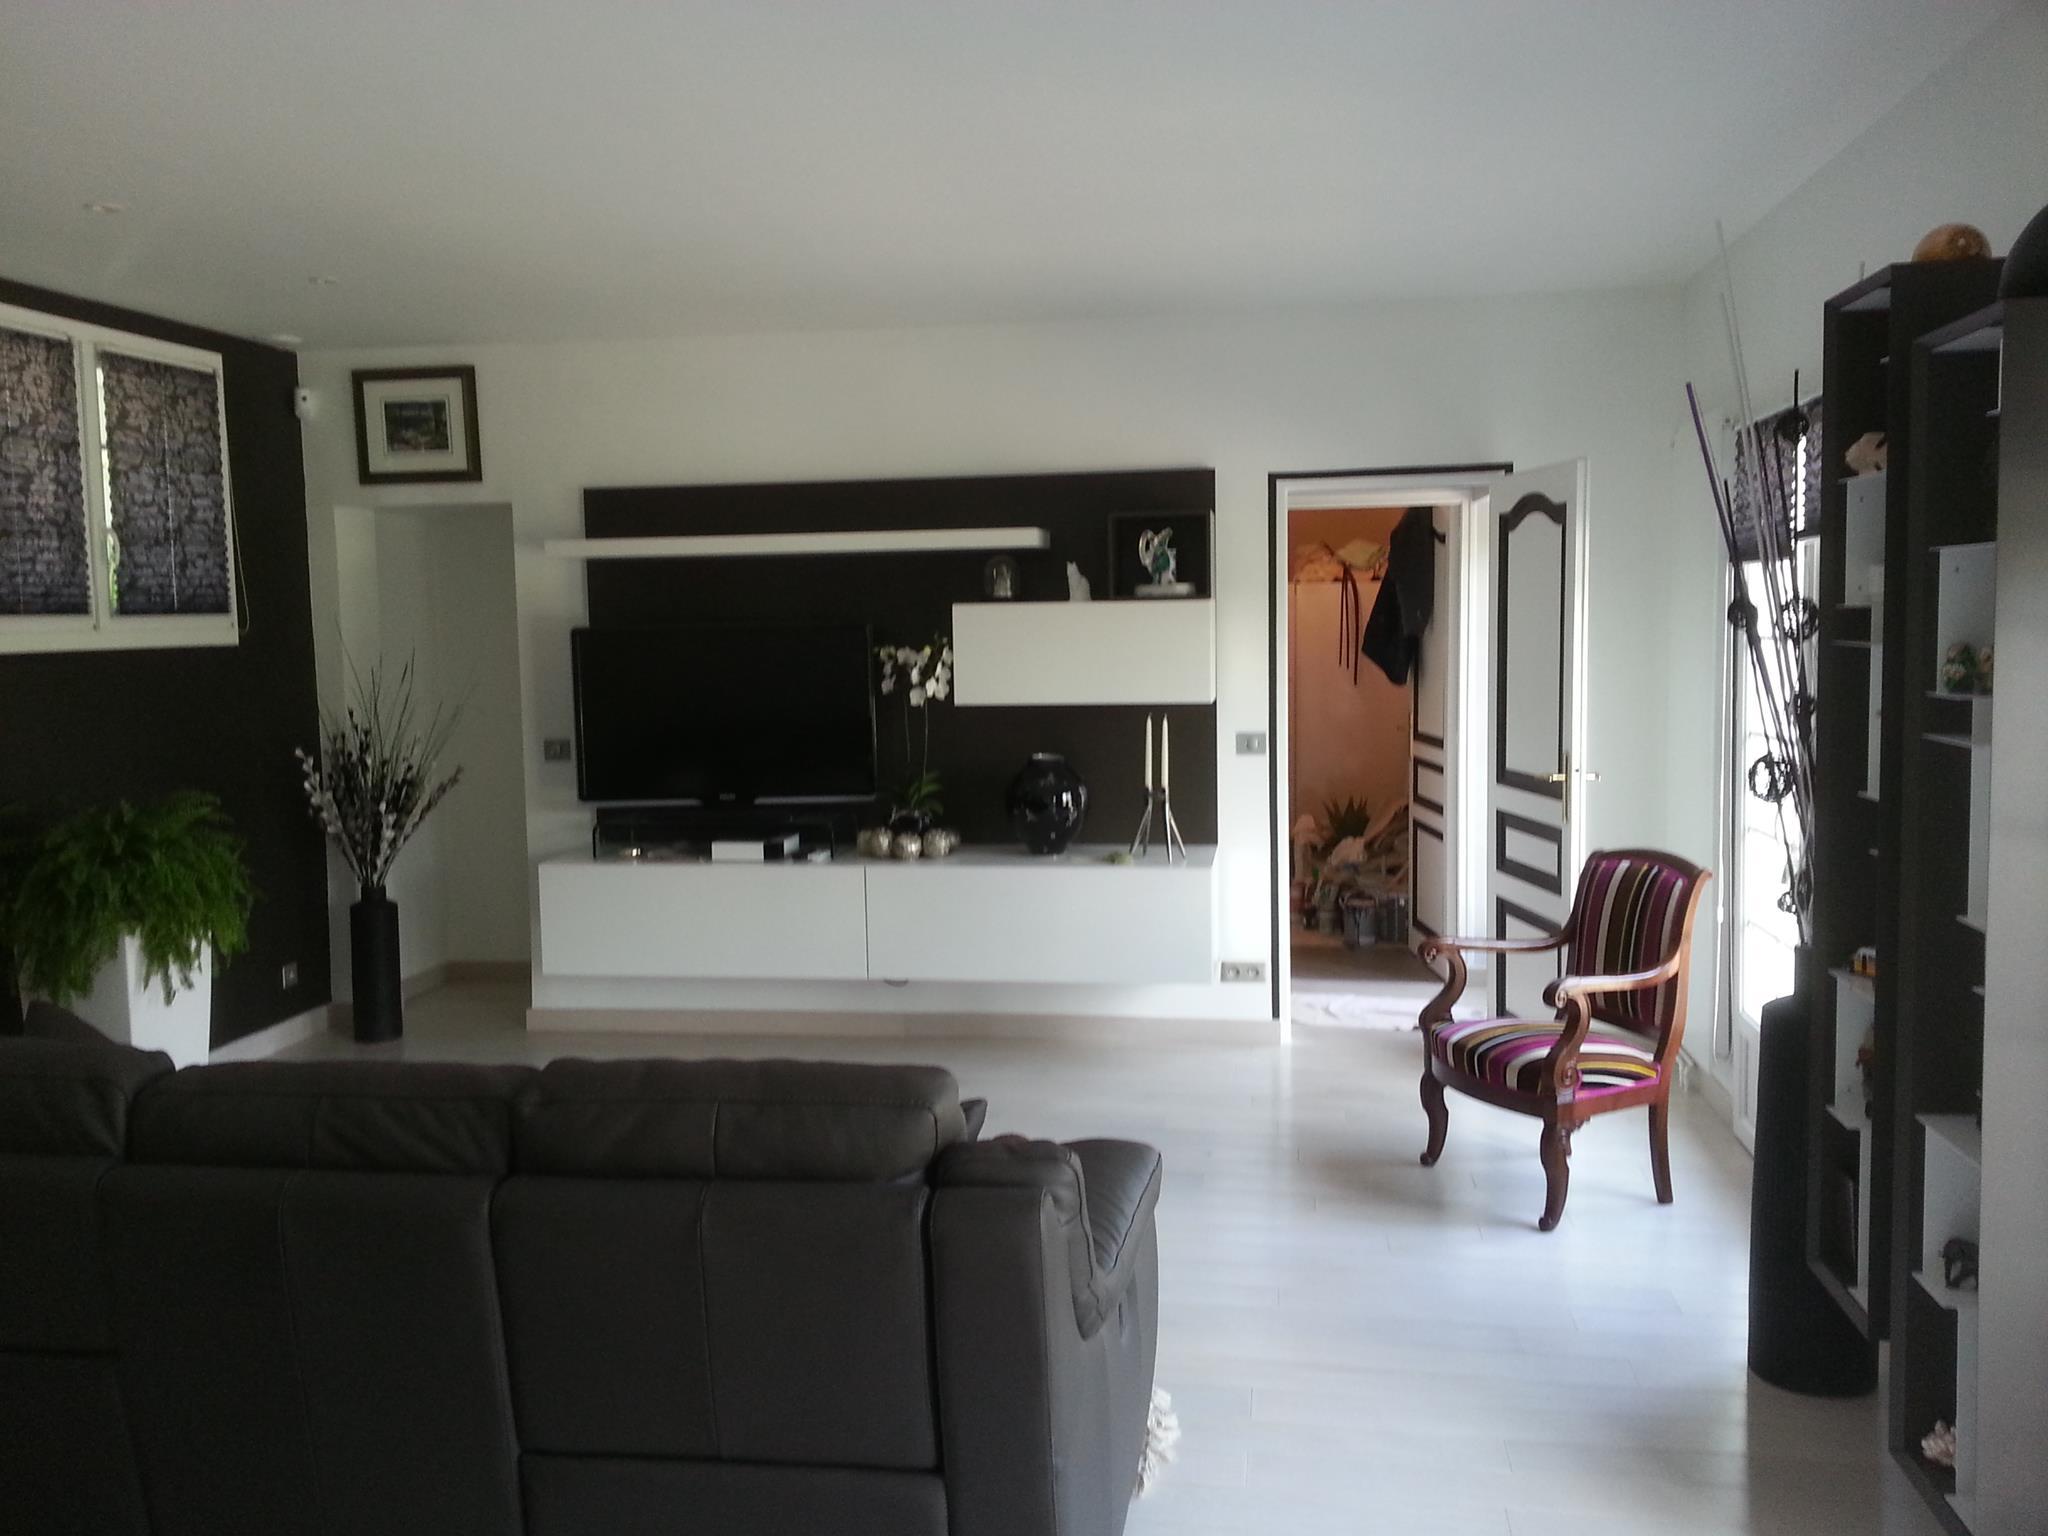 peinture d coration boiserie atelier chavin peinture. Black Bedroom Furniture Sets. Home Design Ideas